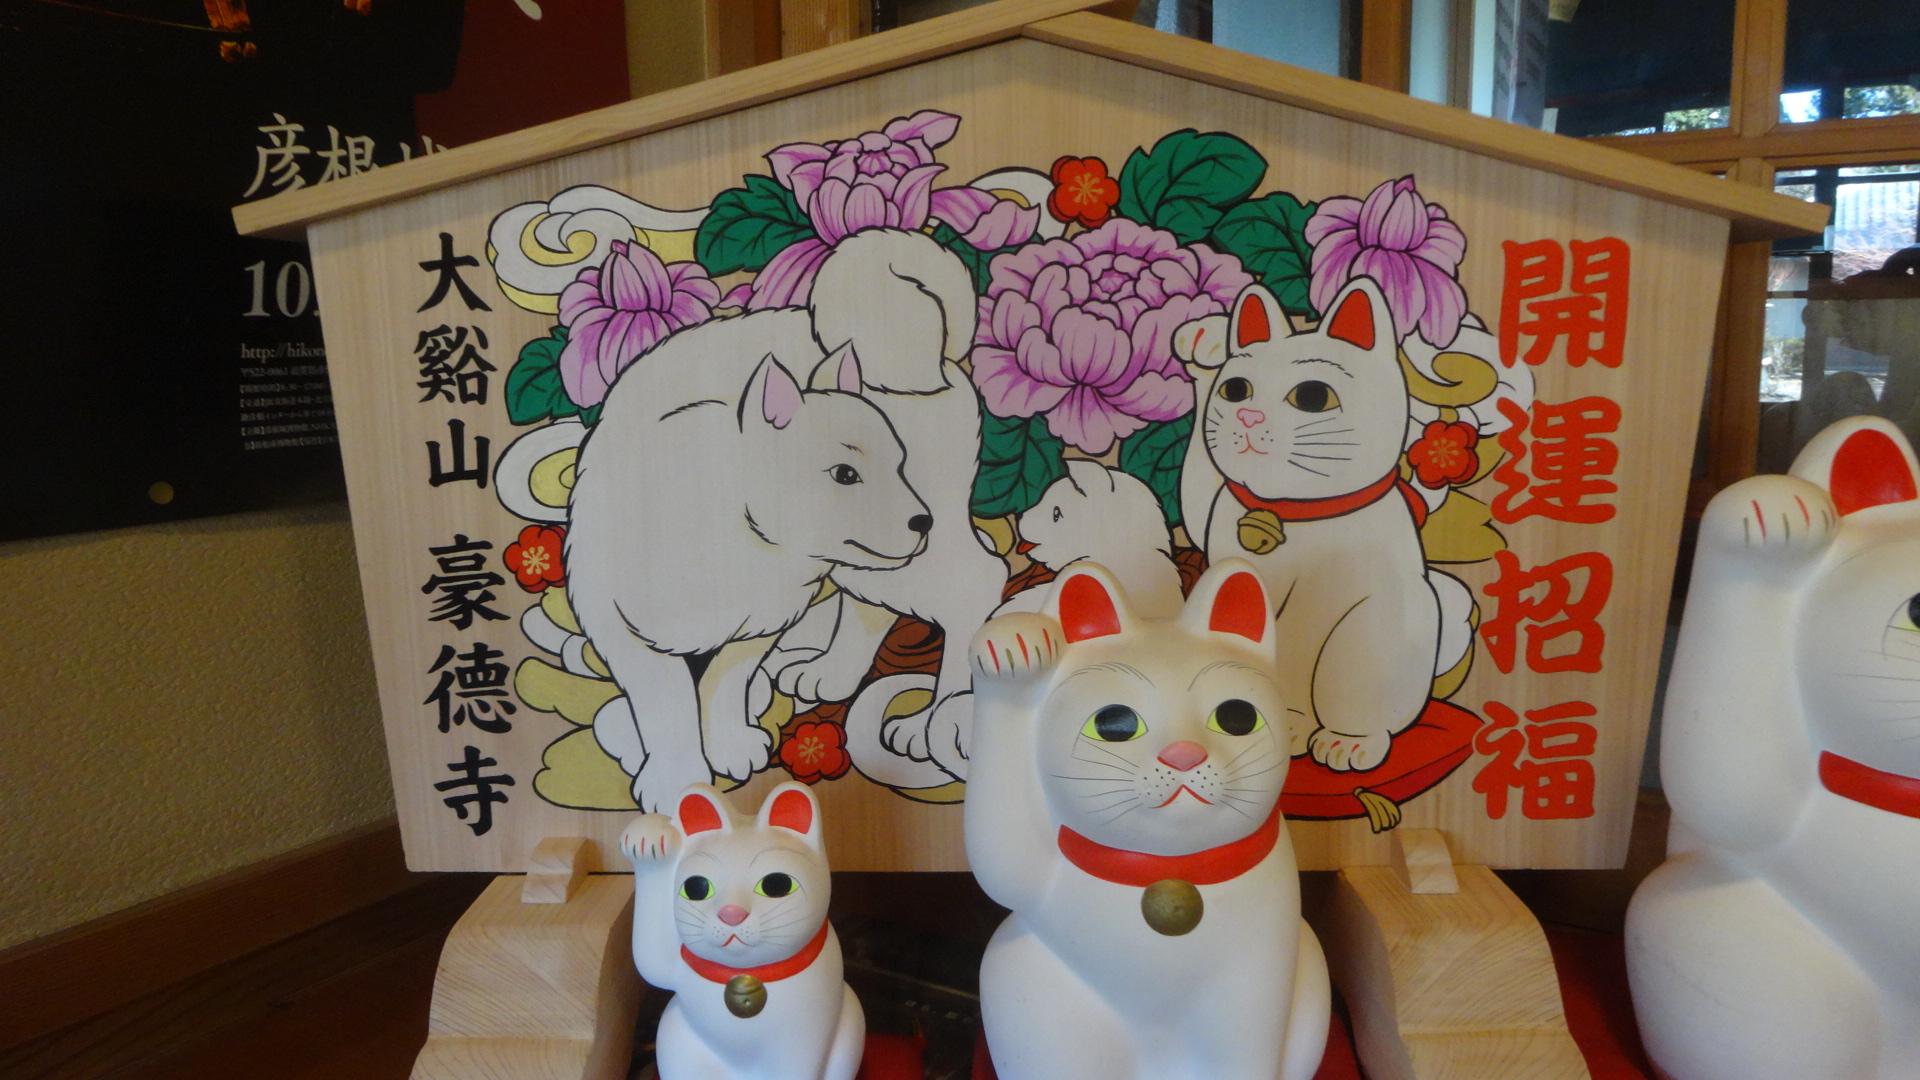 ワンコとニャンコが描かれた豪徳寺の新年の絵馬